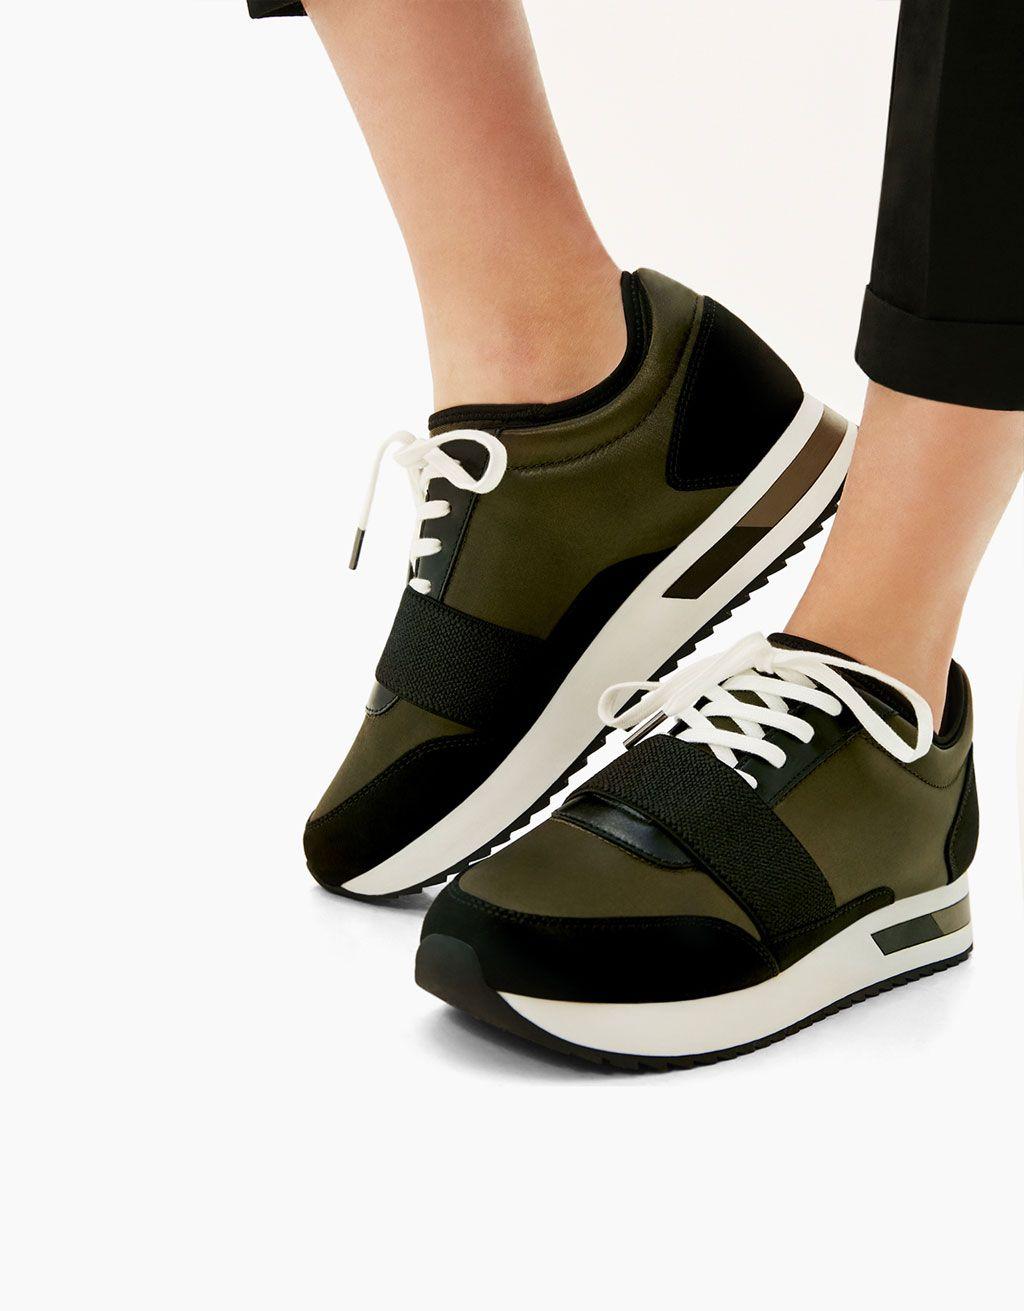 Chaussures à élastique Fashion femme fwhBnA